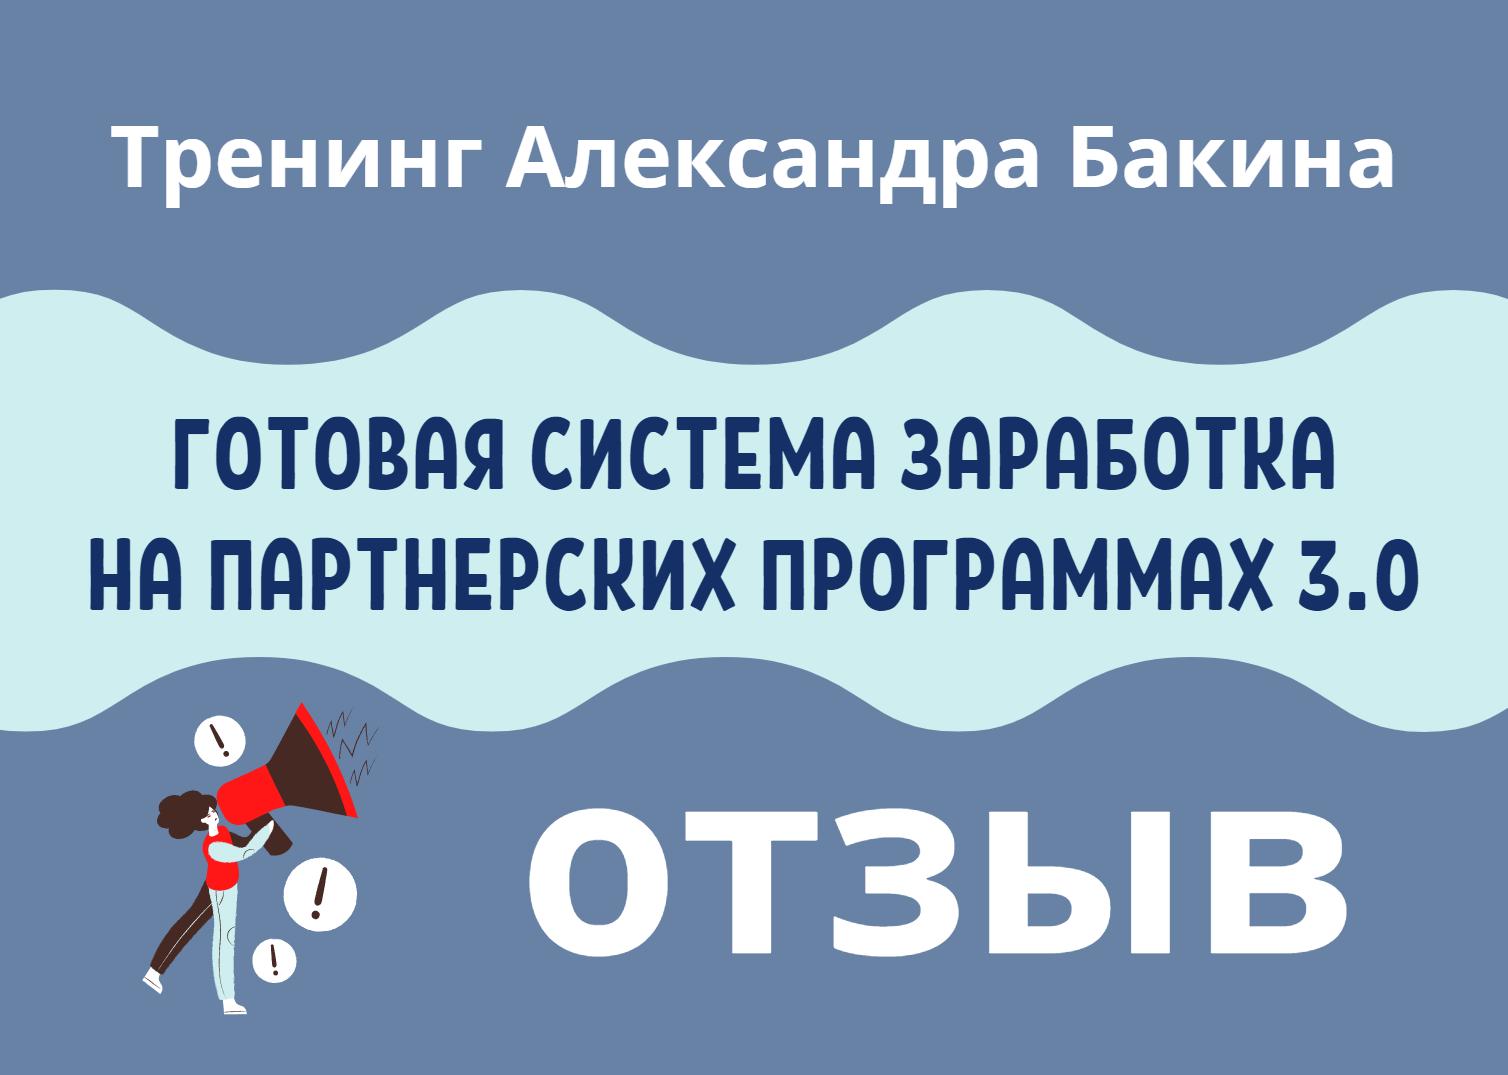 otzyv_o_treninge_aleksandra_bakina_gotovaya_sistema_zapabotka_na_partnerskih_programmah_3_0